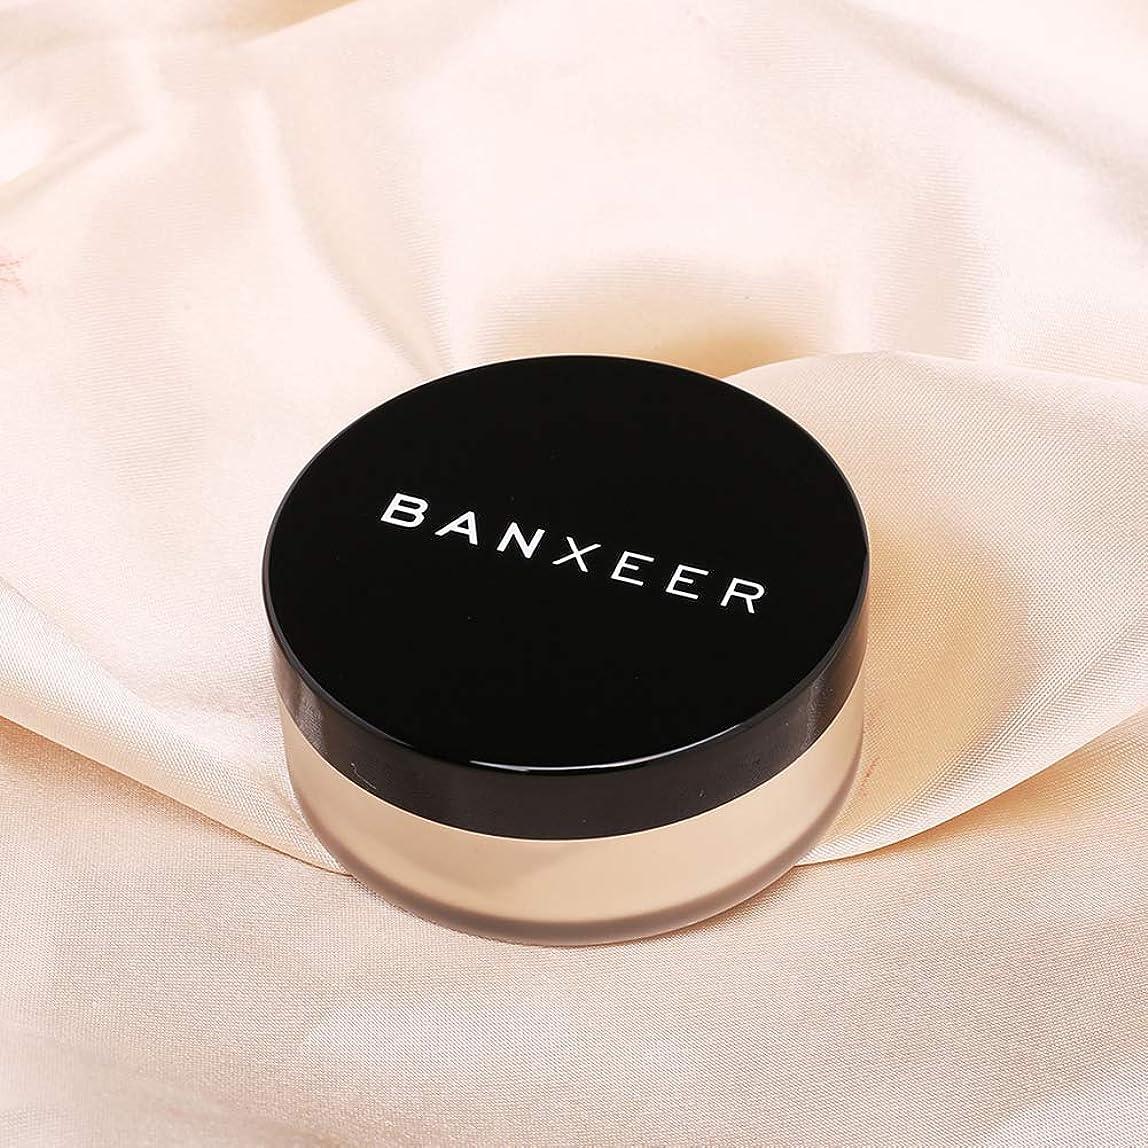 スイッチ掃くバラ色ライトルースパウダー 防水 オイルコントロール カバー 毛穴覆い 肌色を明るく フェイシャル セッティングパウダー Cutelove